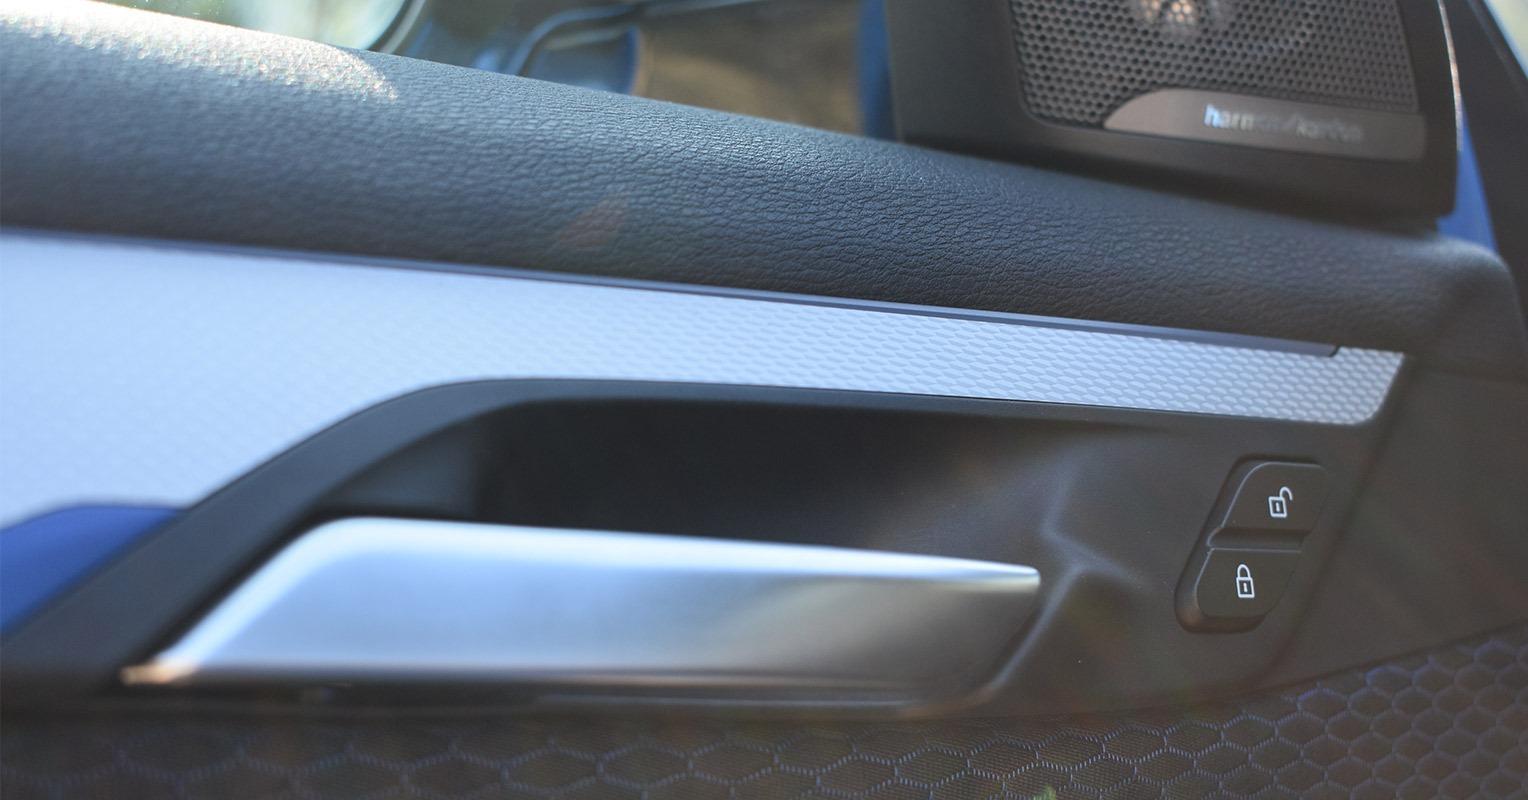 Tirador de la puerta del BMW X2